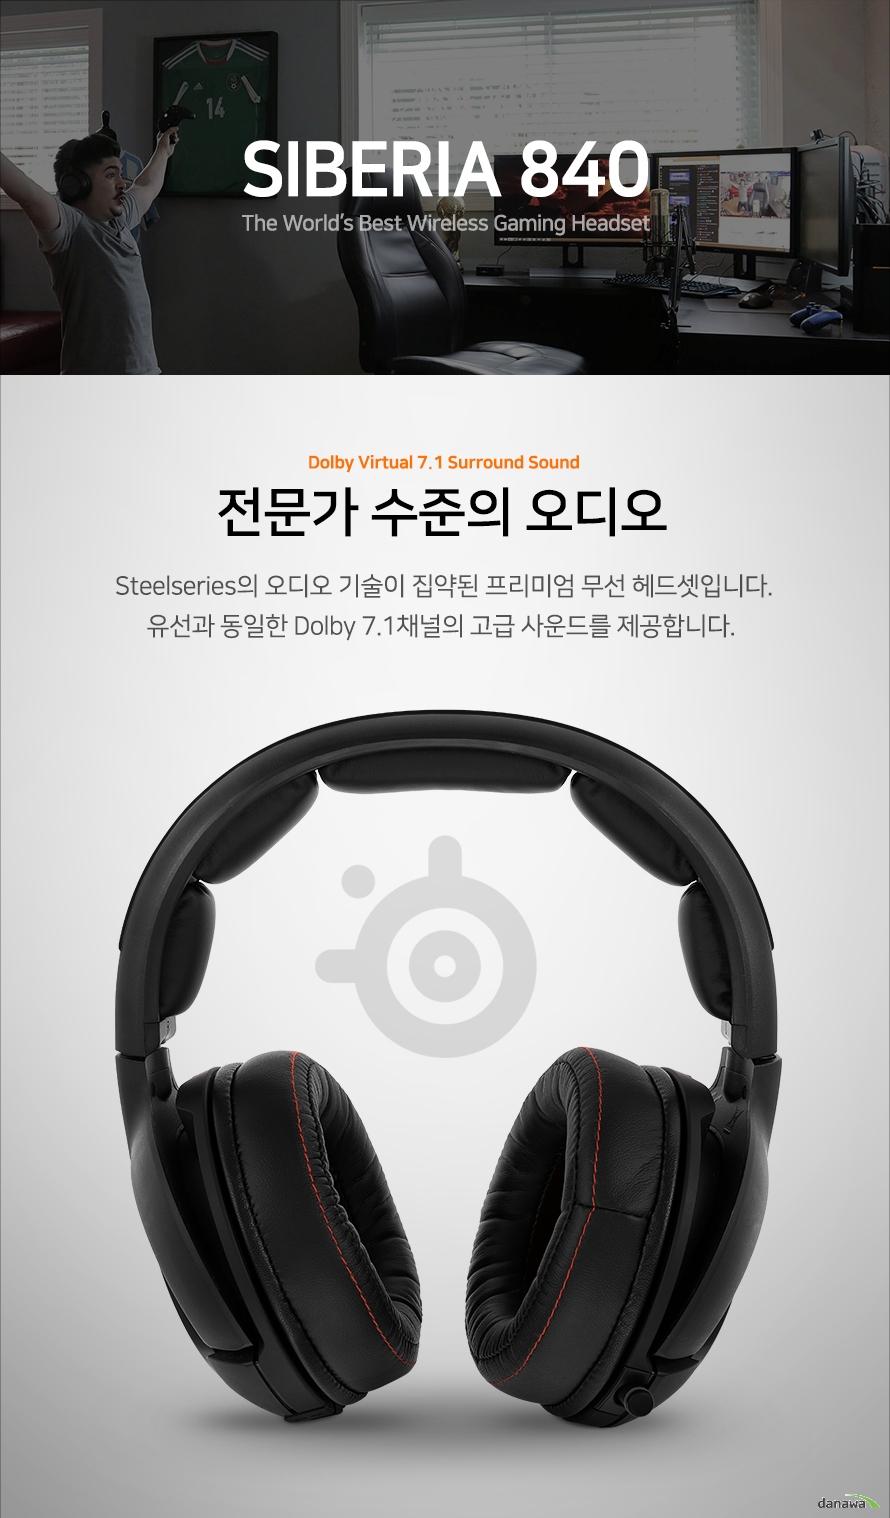 전문가 수준의 오디오Steelseries의 오디오 기술이 집약된 프리미엄 무선 헤드셋입니다.유선과 동일한 Dolby 7.1채널의 고급 사운드를 제공합니다.